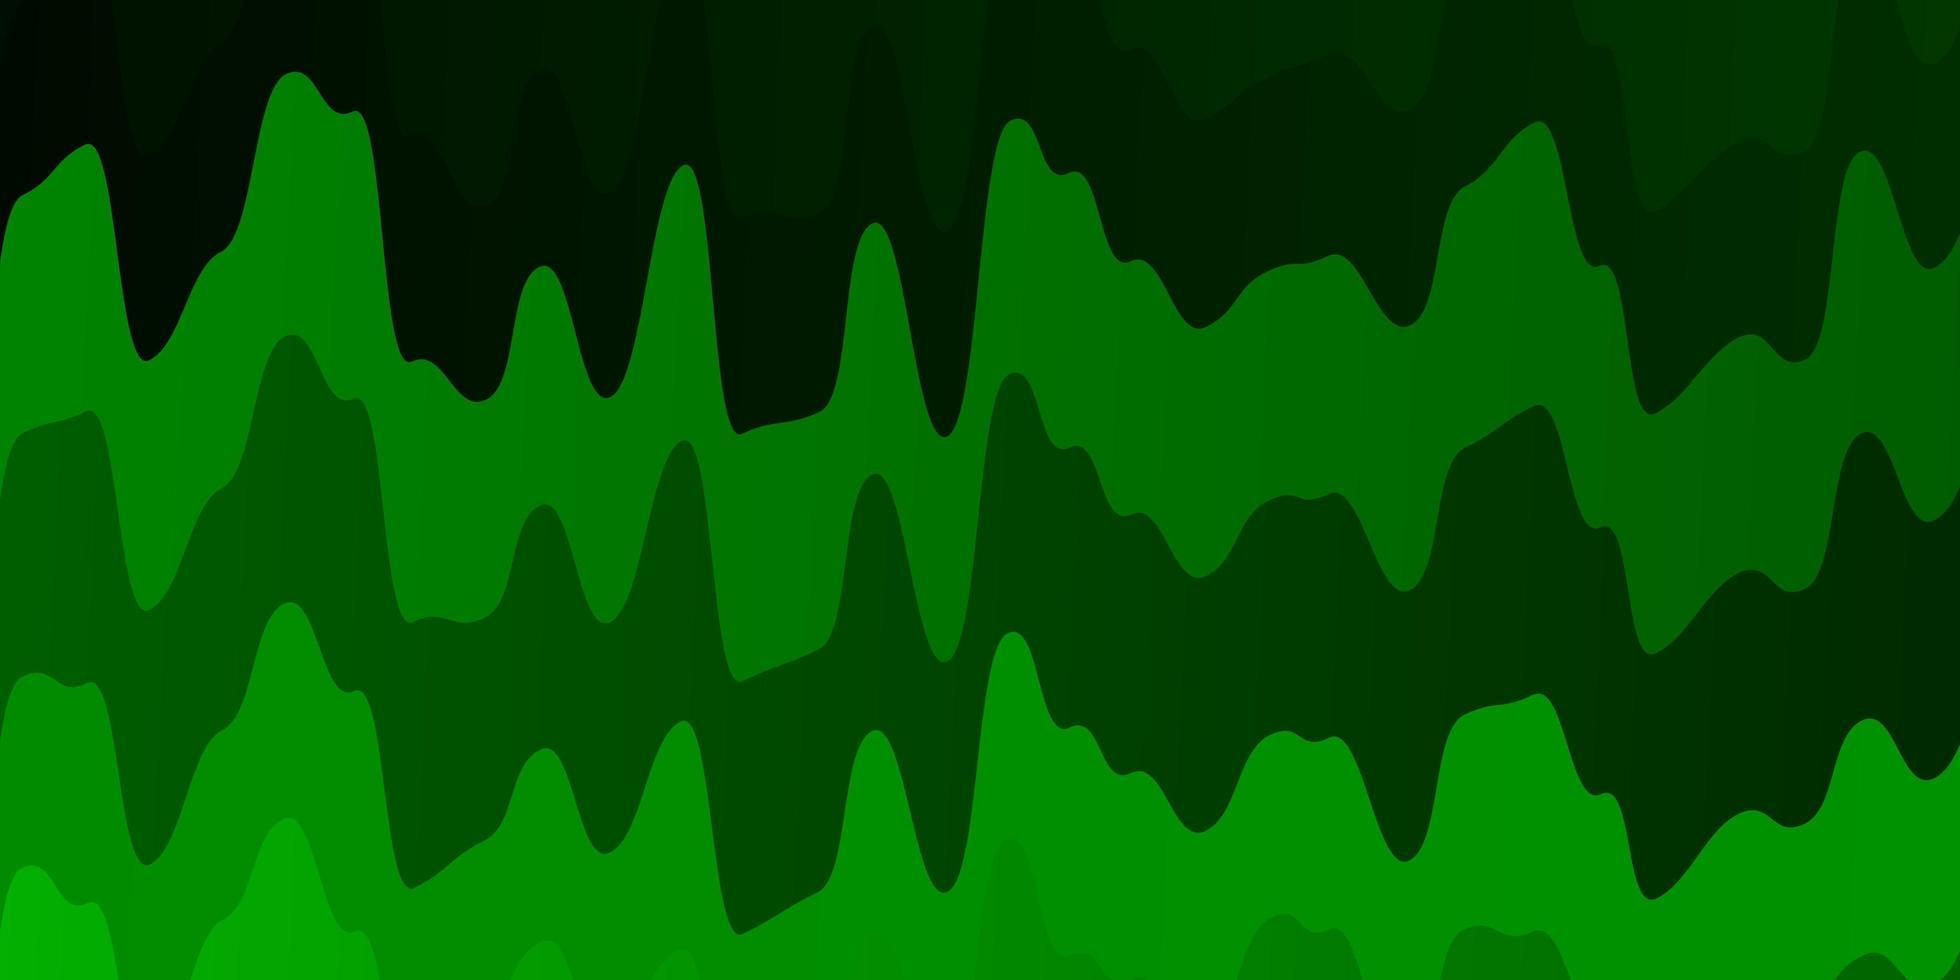 textura de vetor verde claro com arco circular.